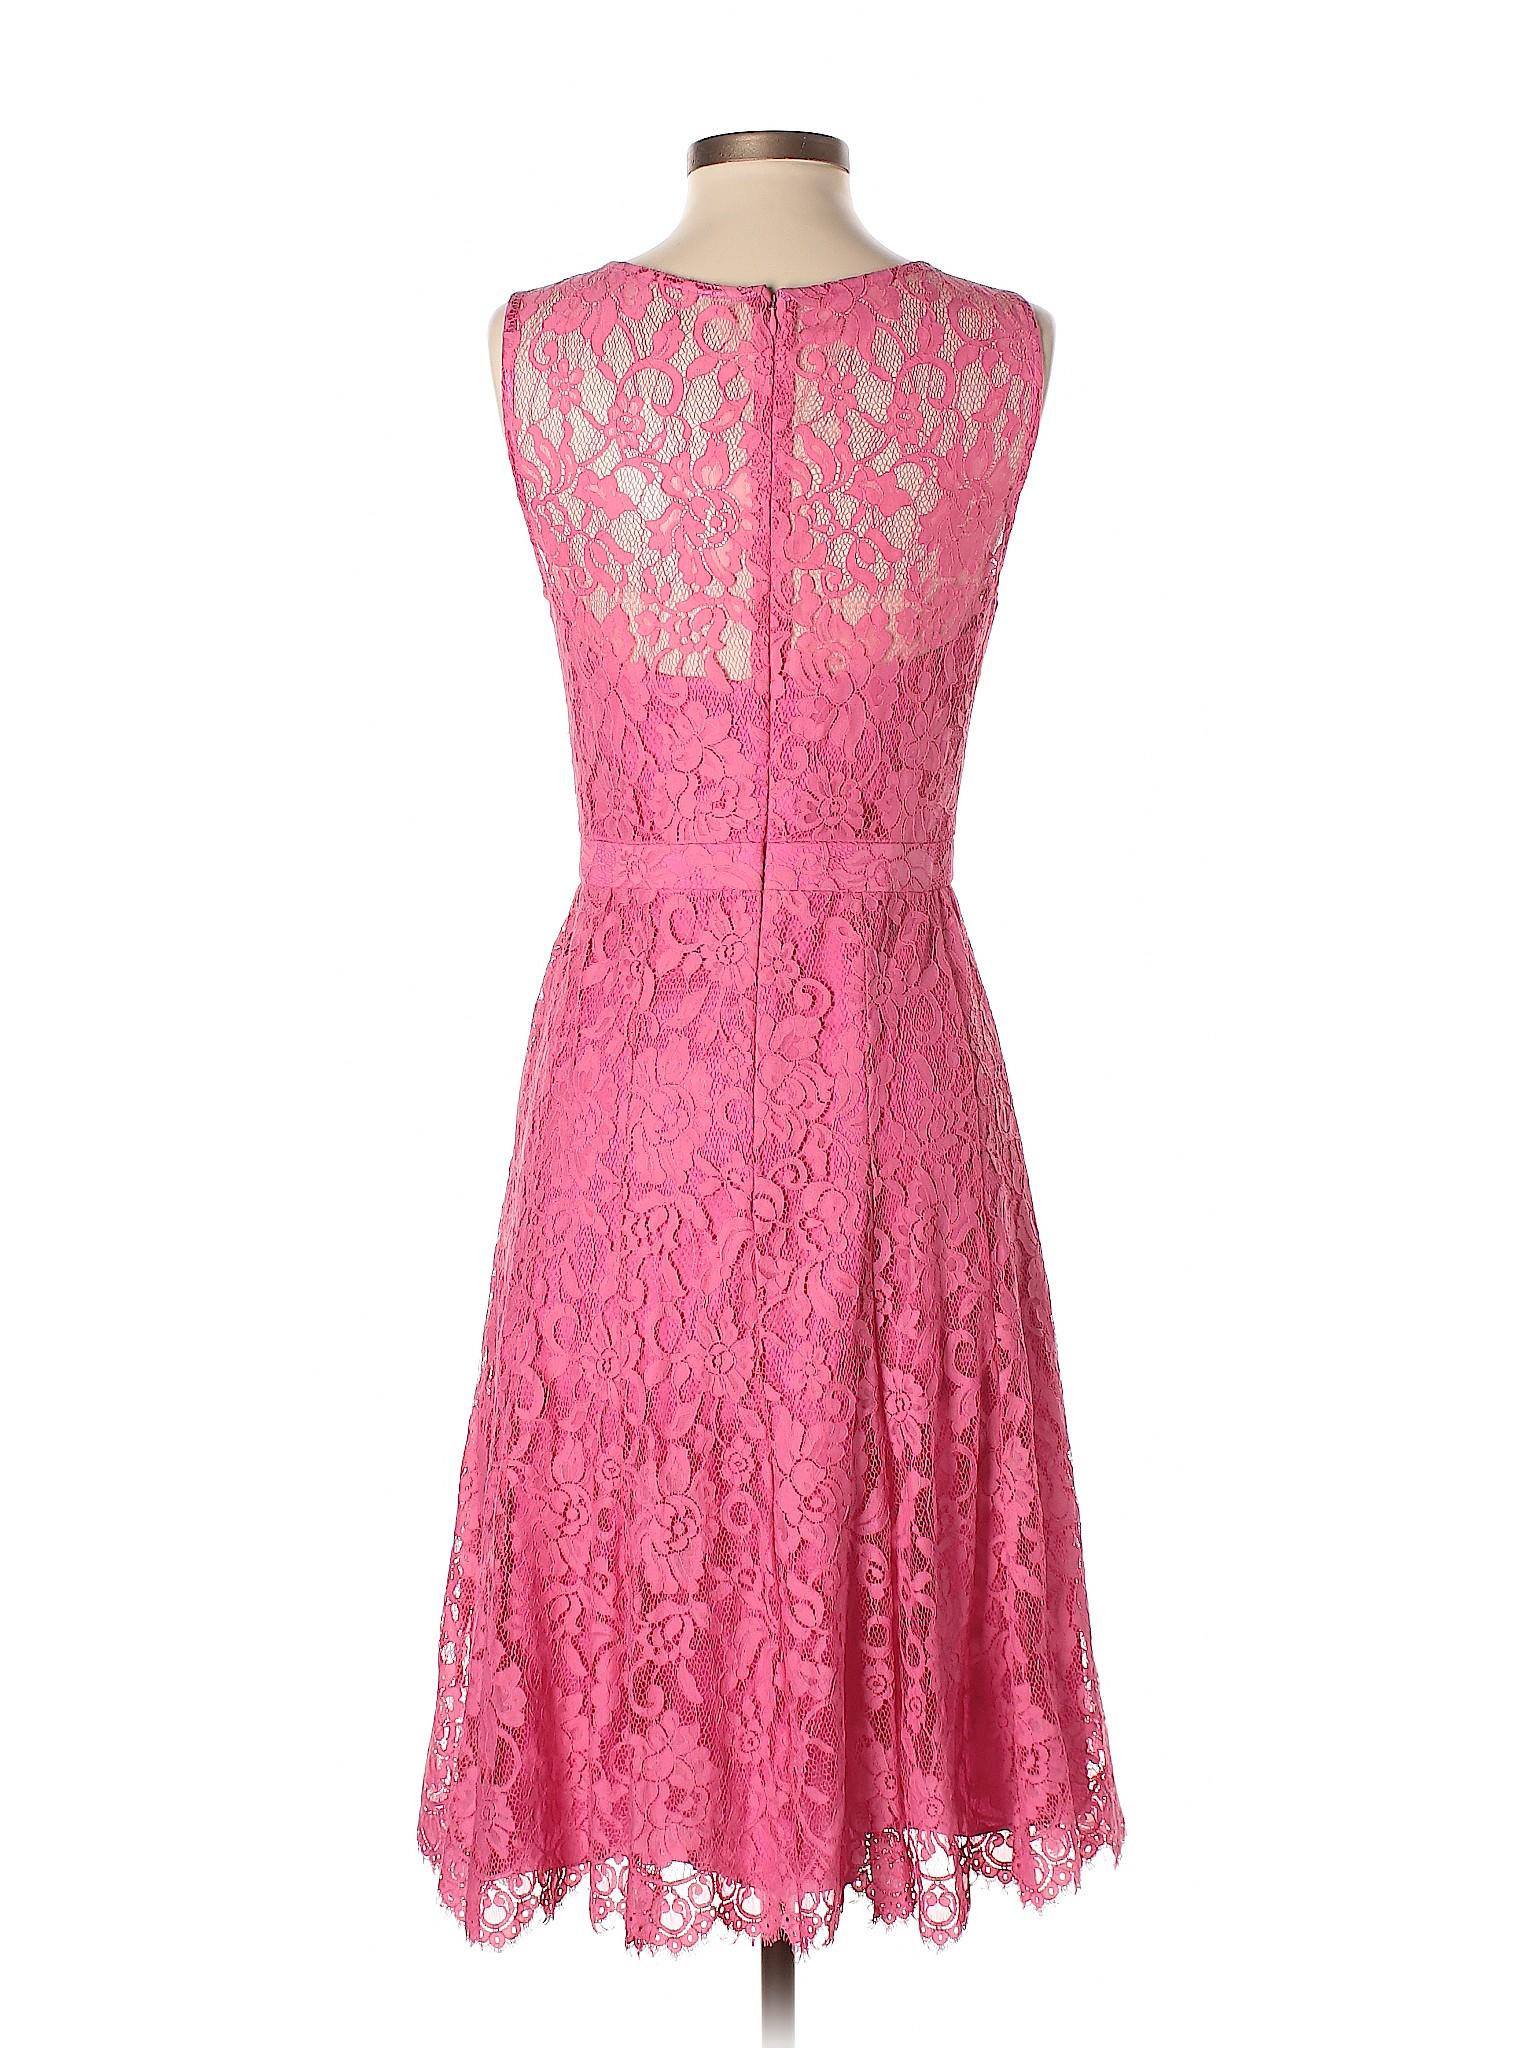 Lhuillier Boutique Casual Monique Dress Winter r7f7xT